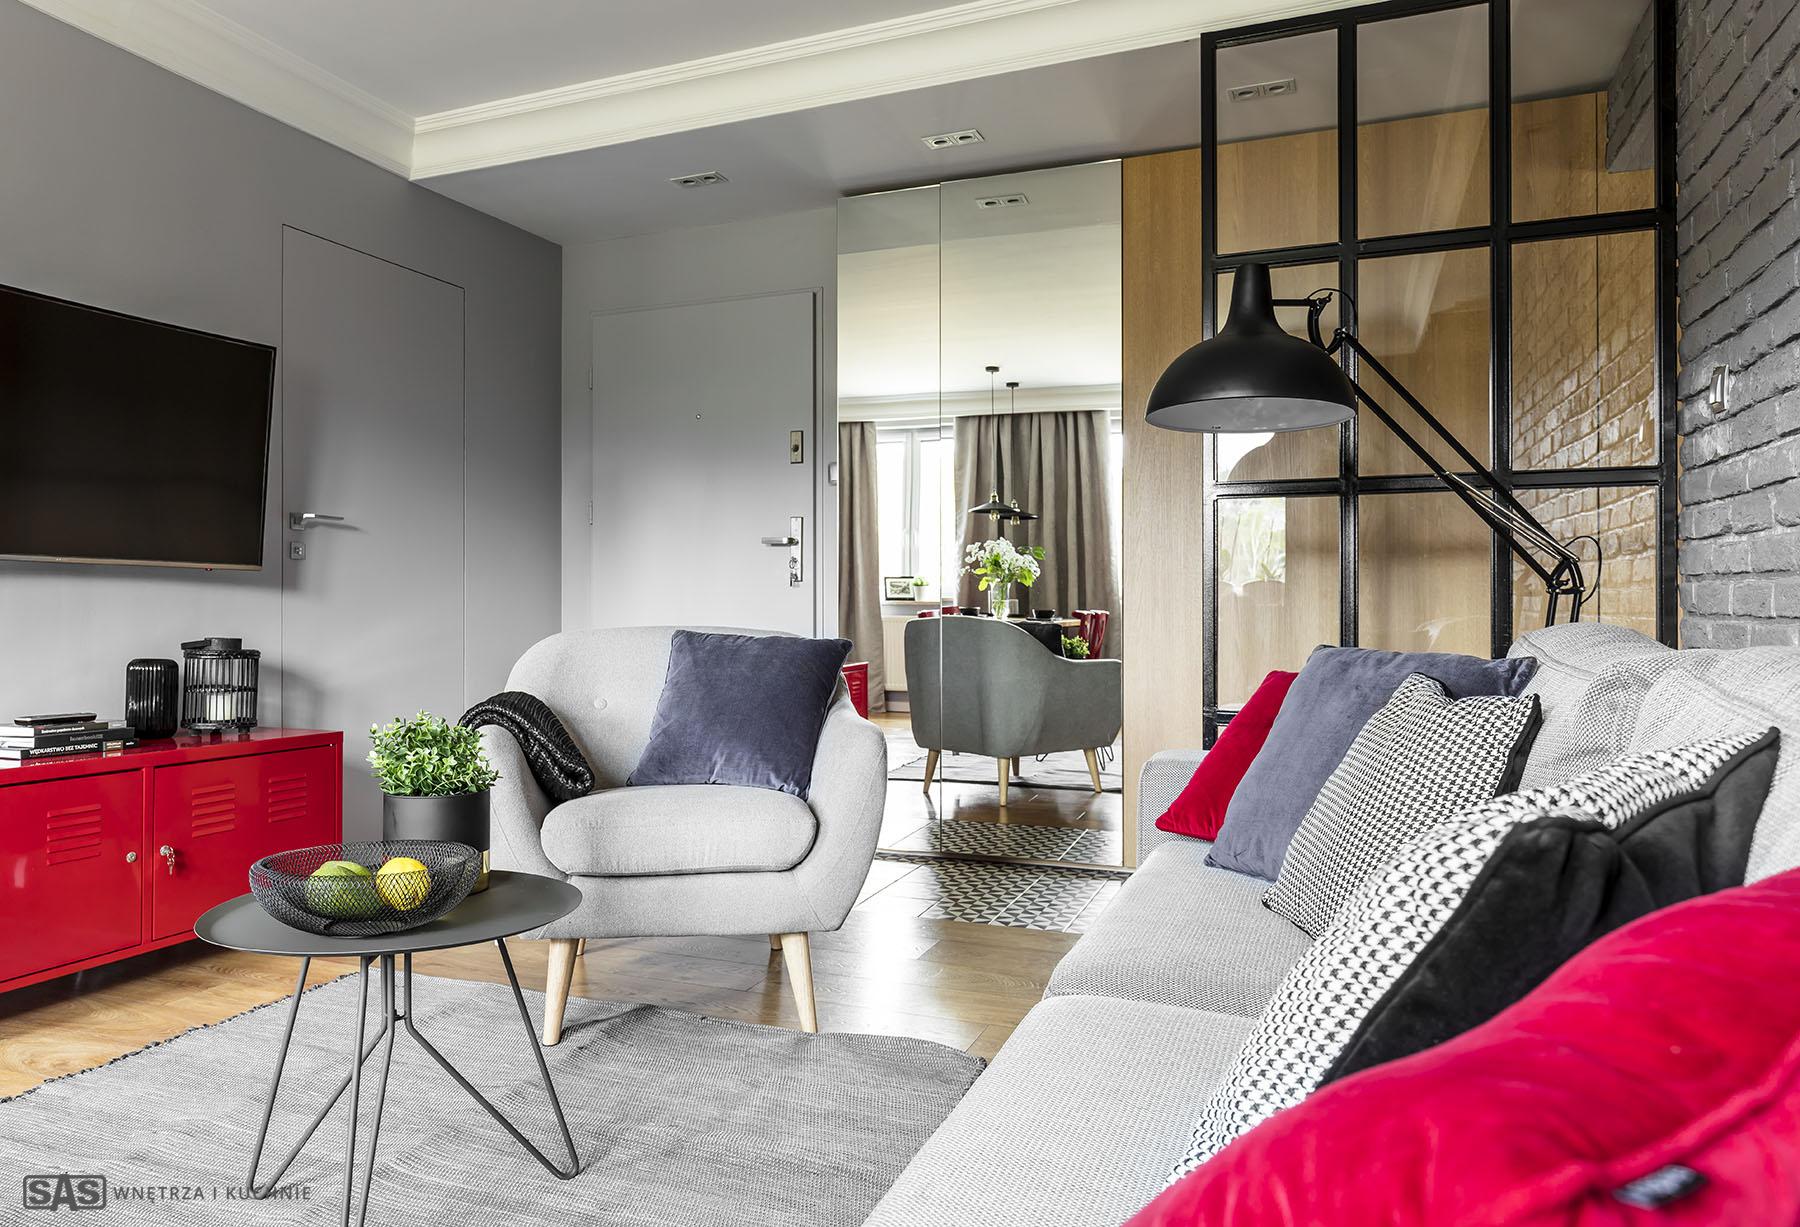 Aranżacja salonu - meble na wymiar wykonanie SAS Wnętrze i Kuchnie - projekt architekt wnętrz Emilia Strzempek Plasun.